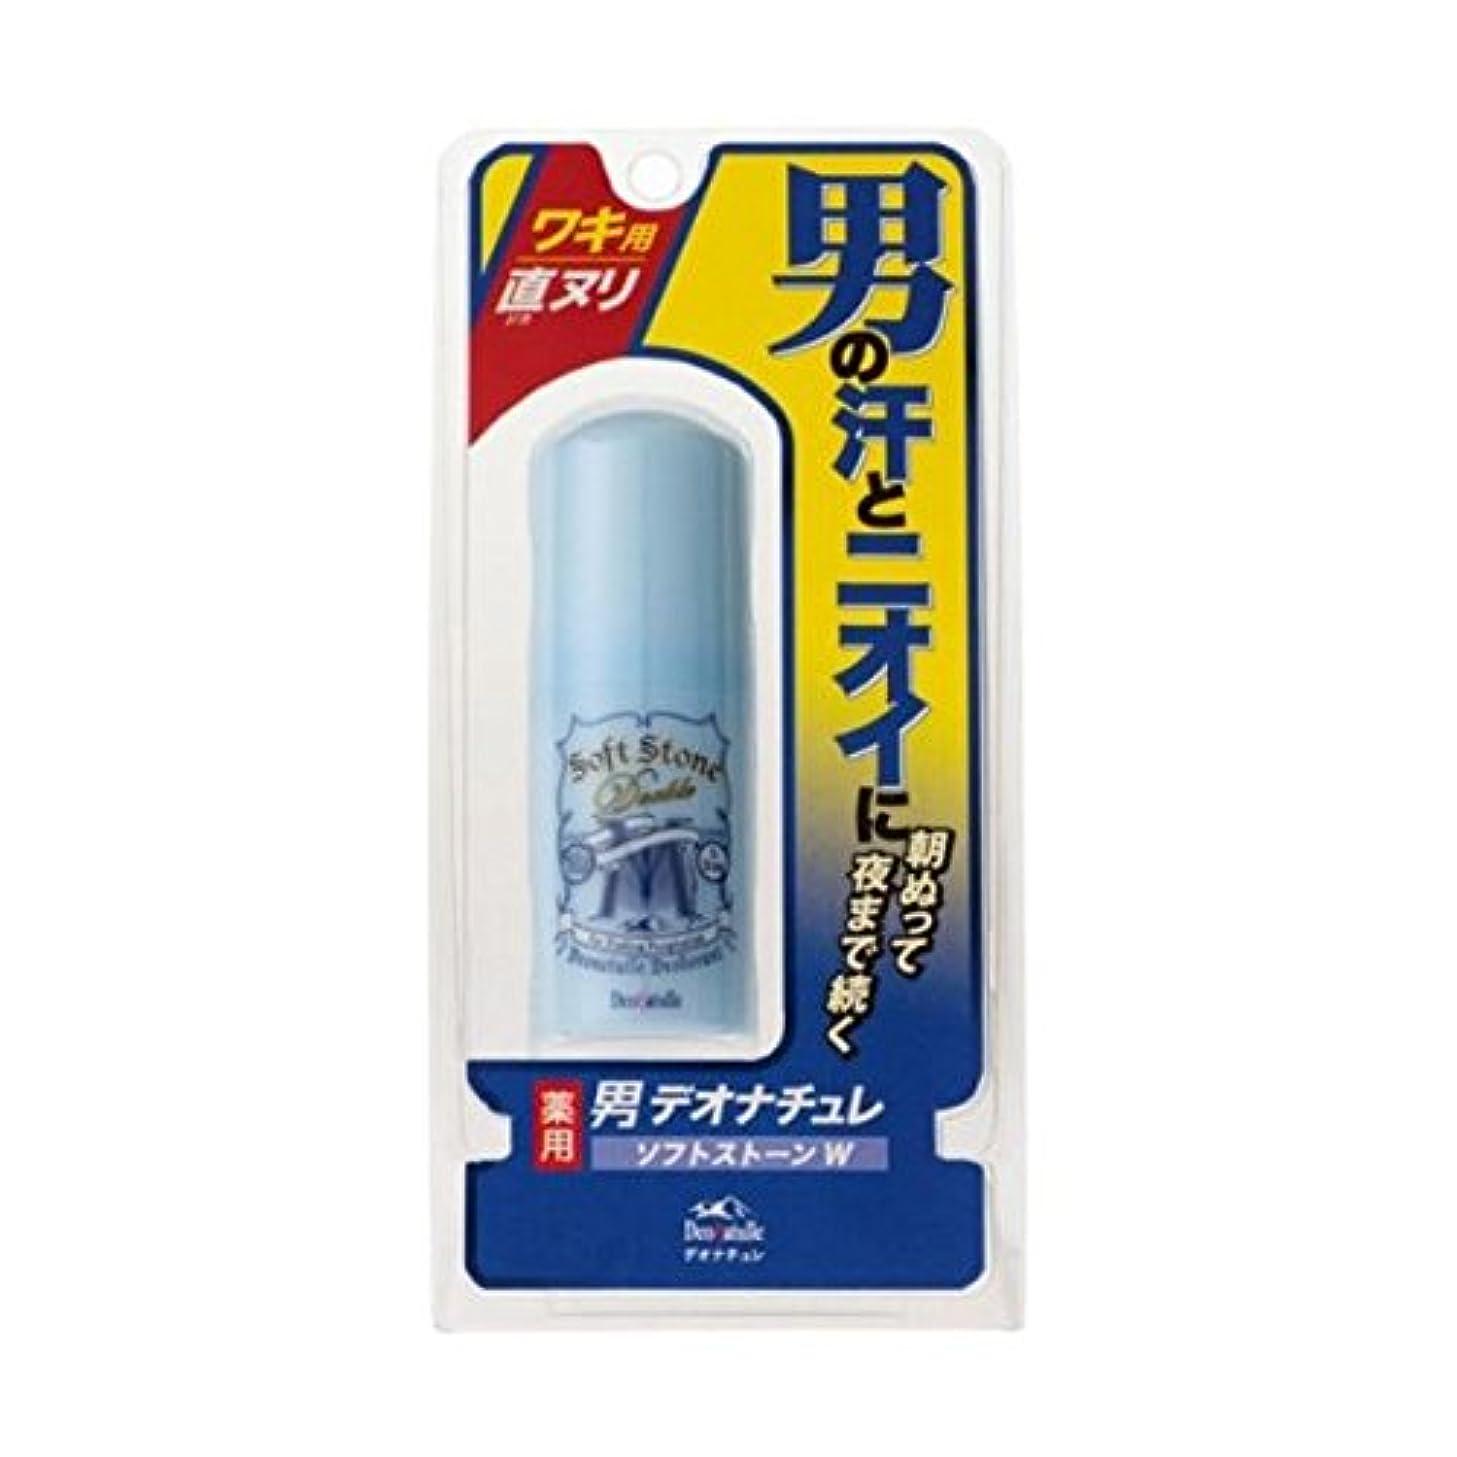 取り出すポータル章デオナチュレ 男ソフトストーン20Gx3個セット (4971825011747)